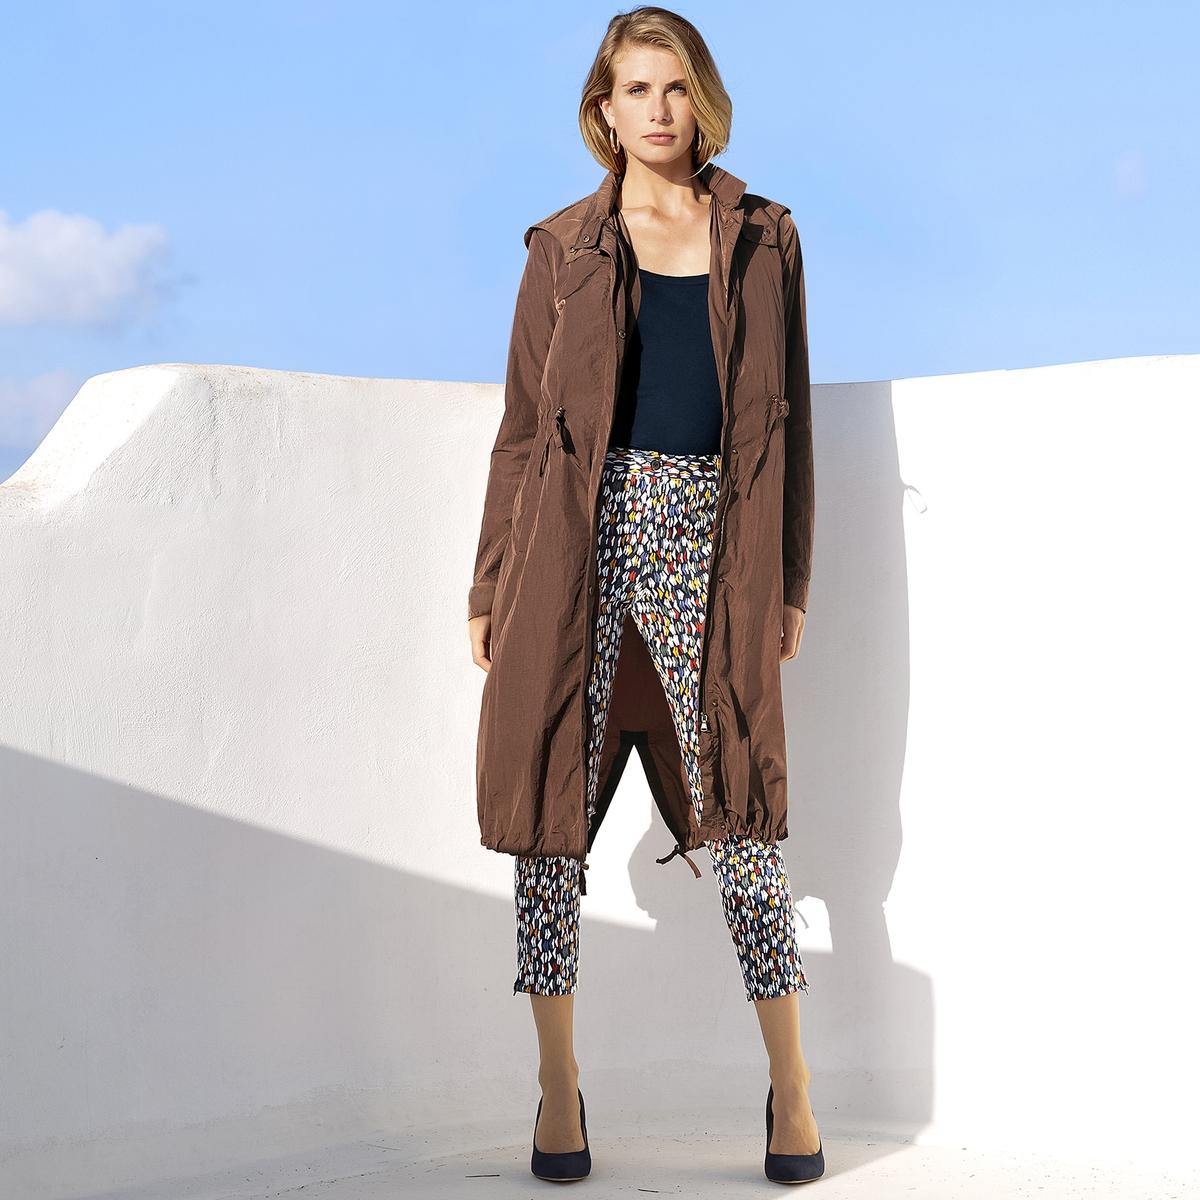 Imagen adicional de producto de Pantalón recto tobillero de satén de algodón stretch - Anne weyburn